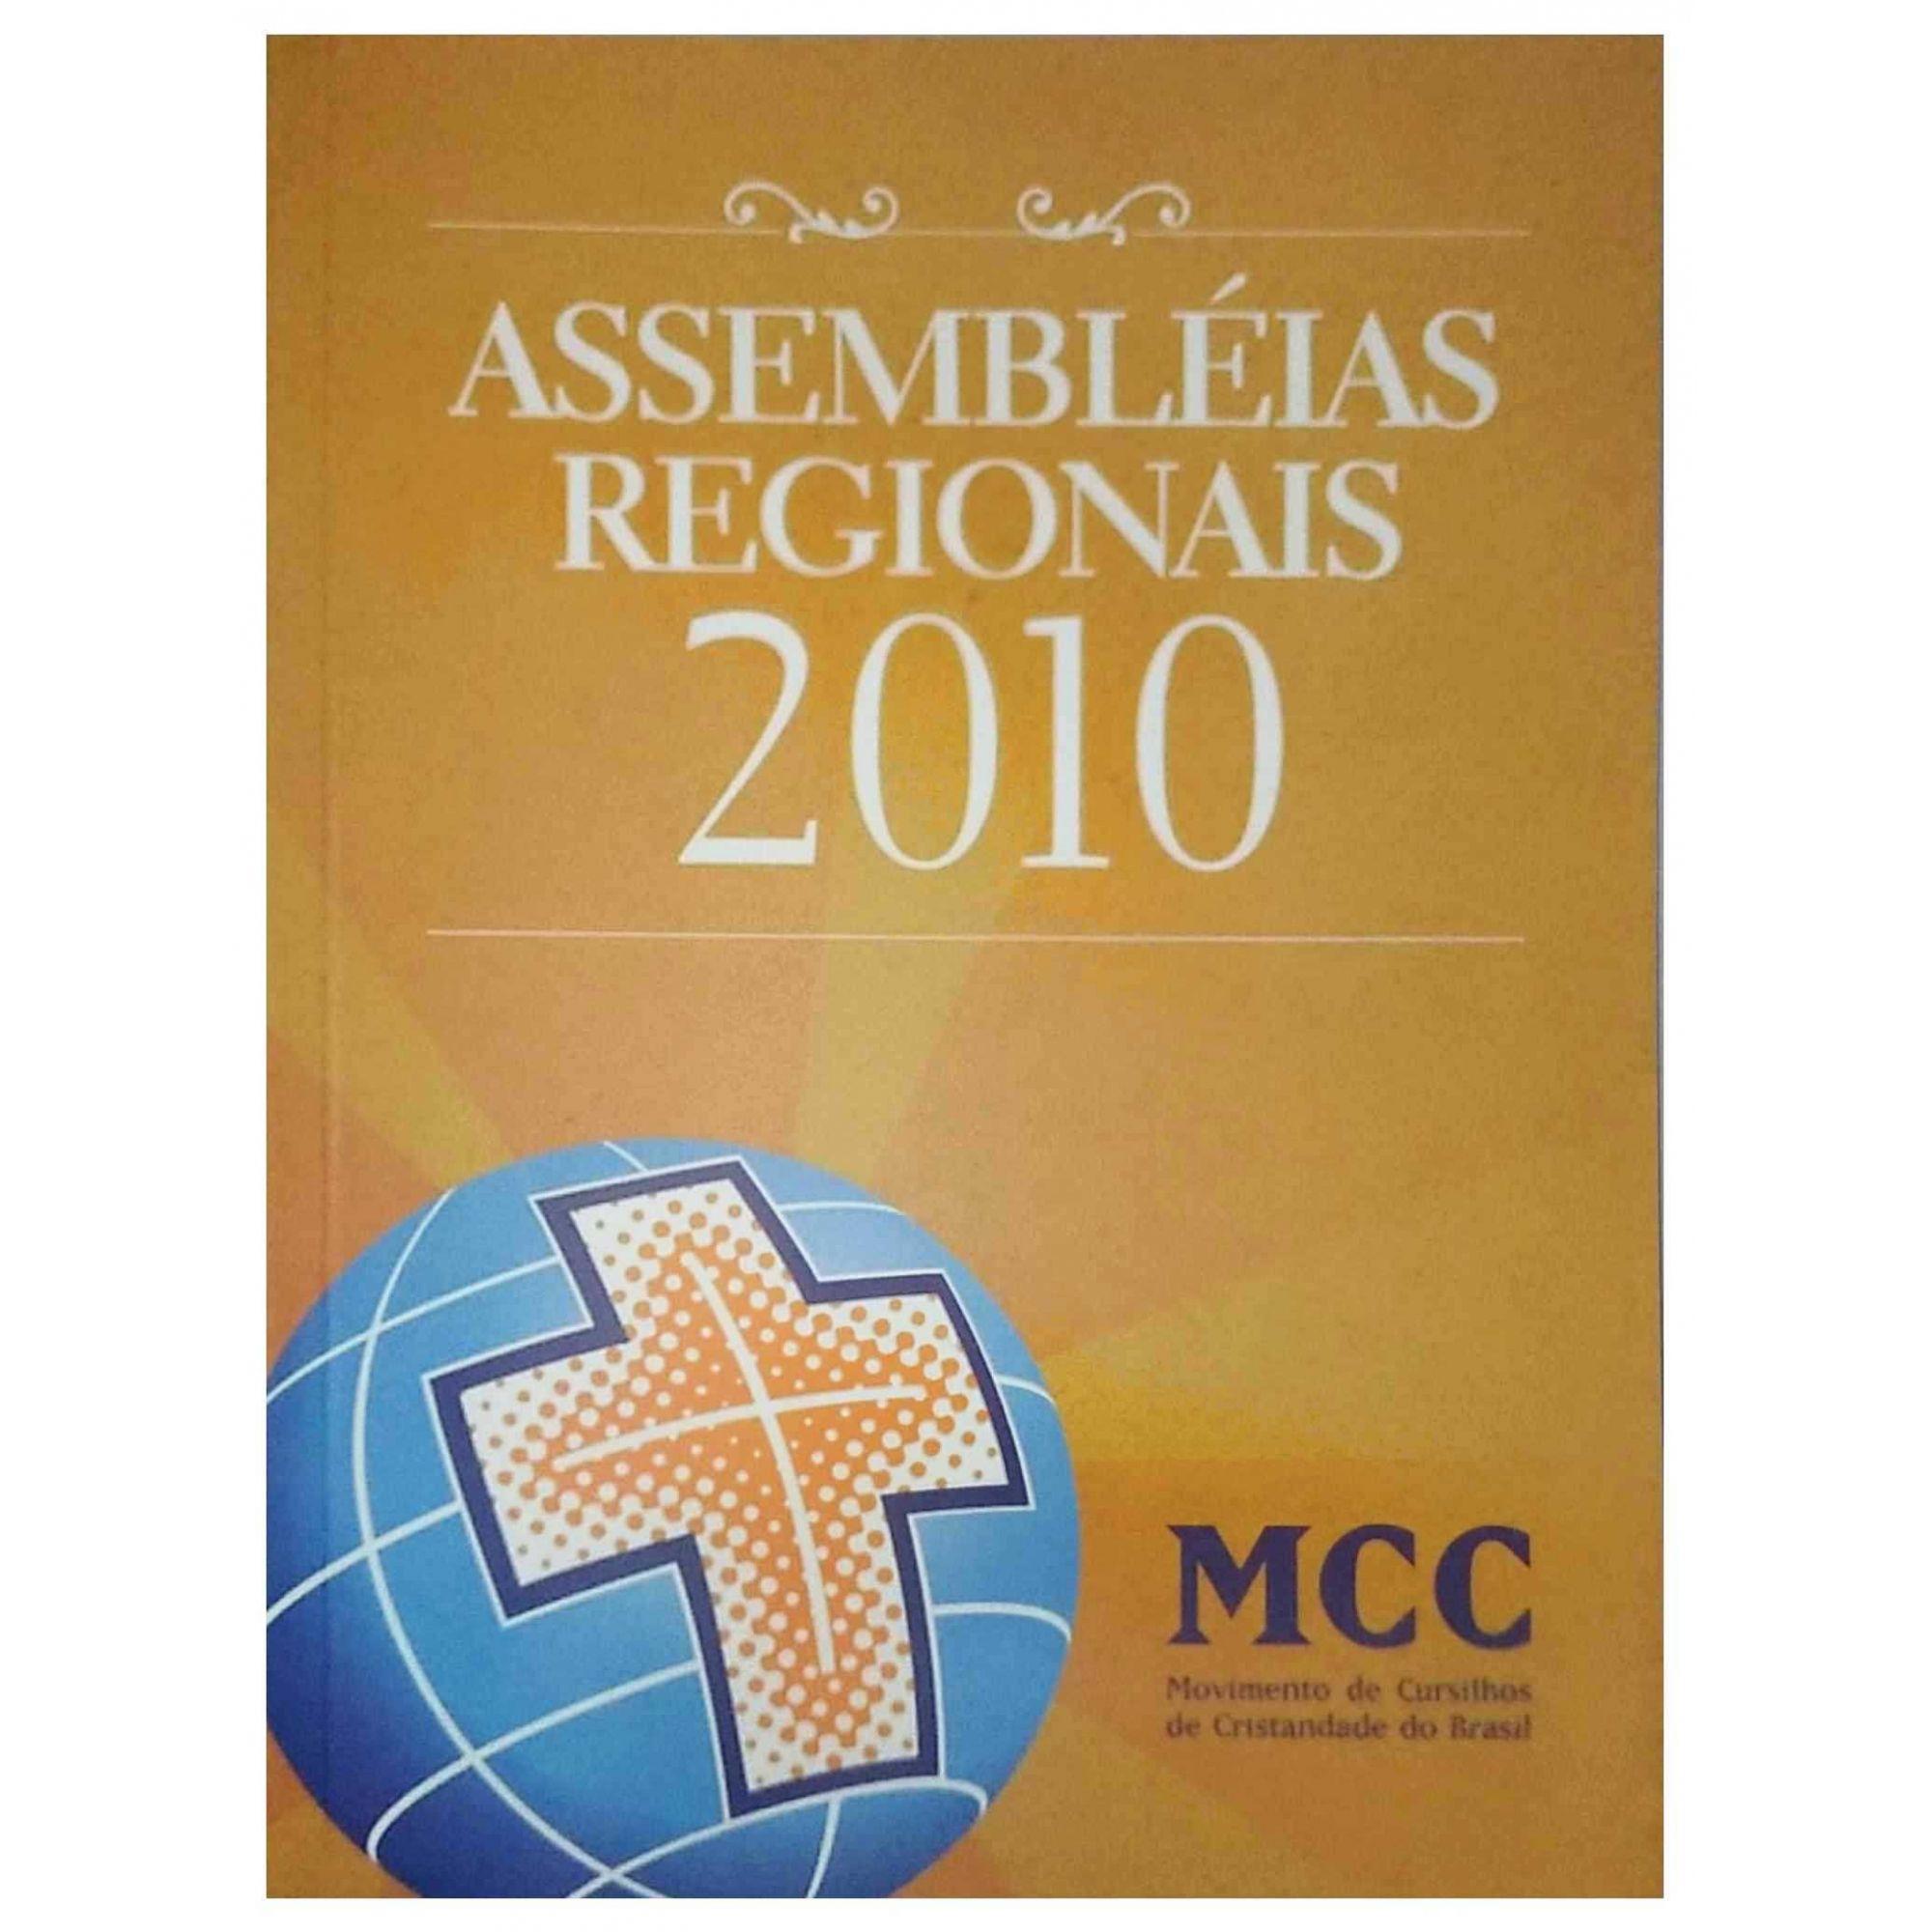 Roteiro de Estudos - Assembleias Regionais - SUBSÍDIO AR. 2010  - Cursilho